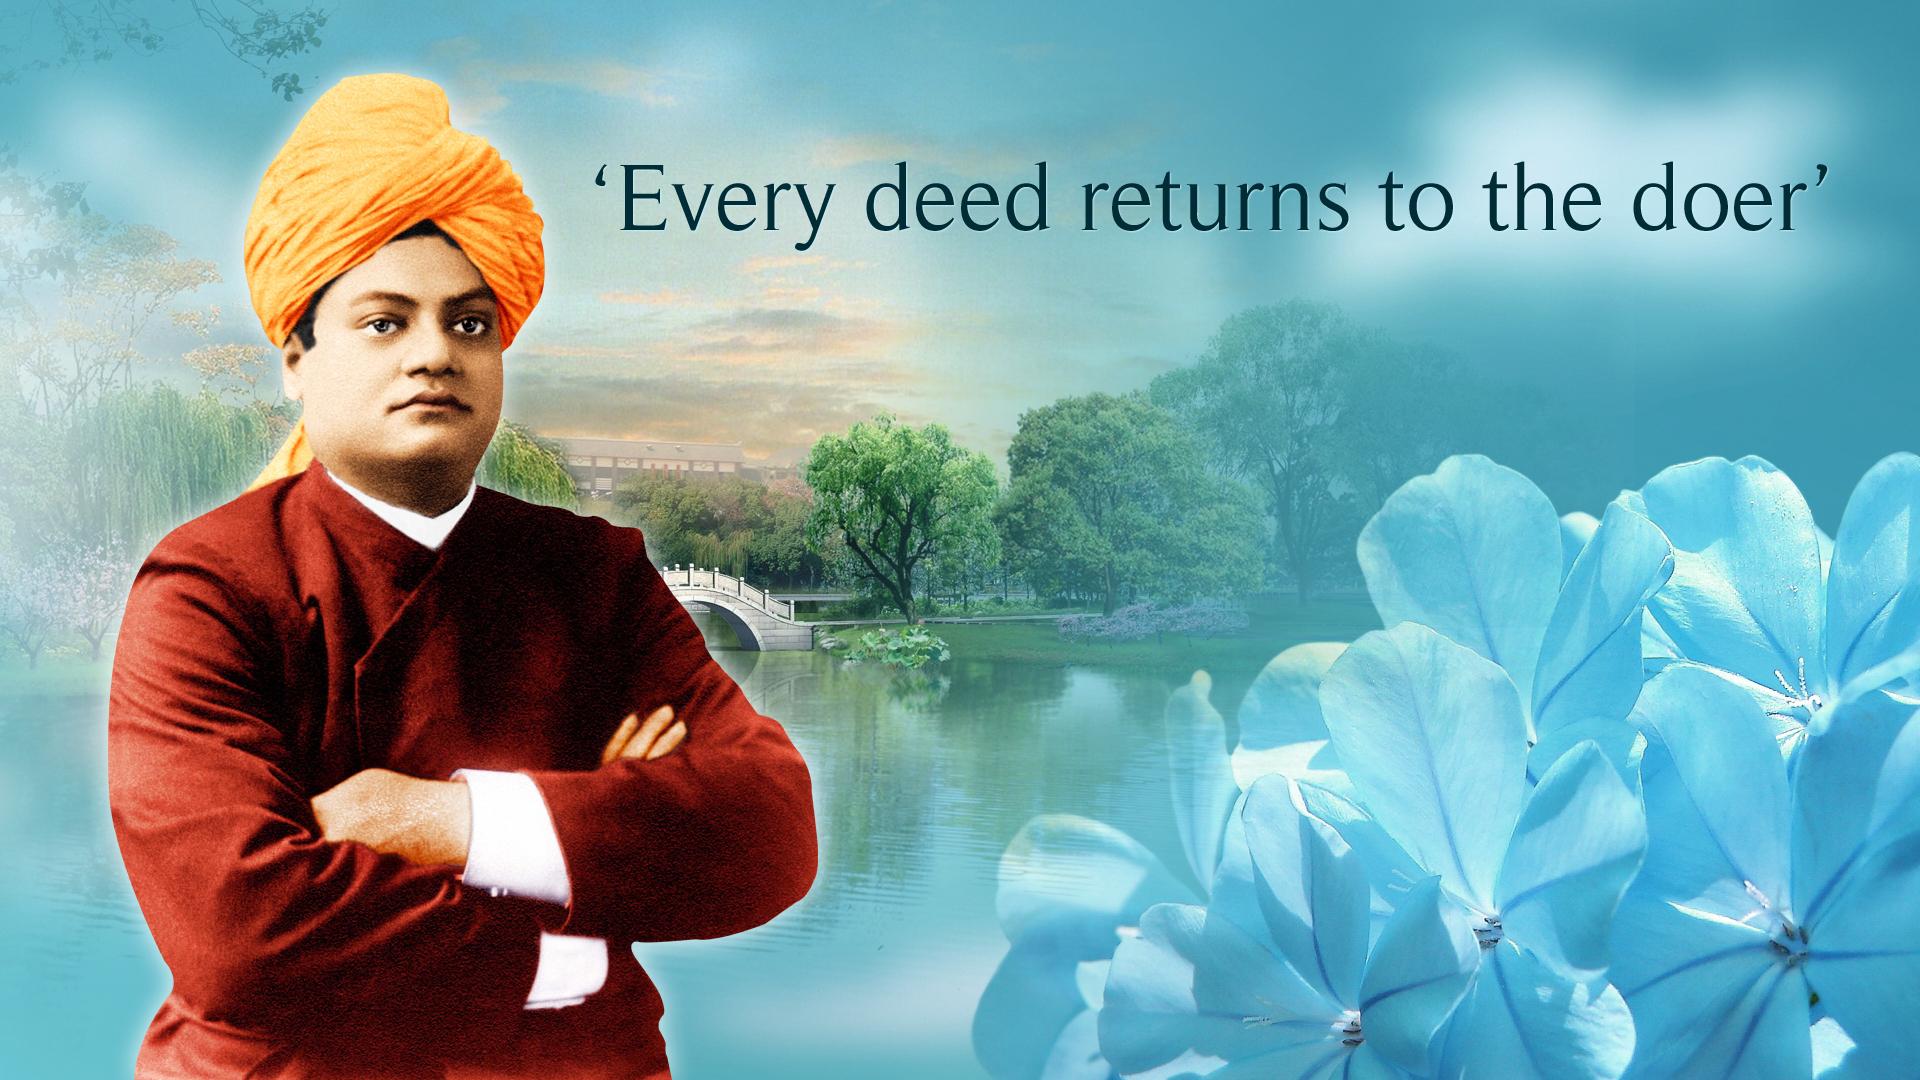 Swami Vivekanandas Wallpaper KNOWLEDGE BANK 1920x1080